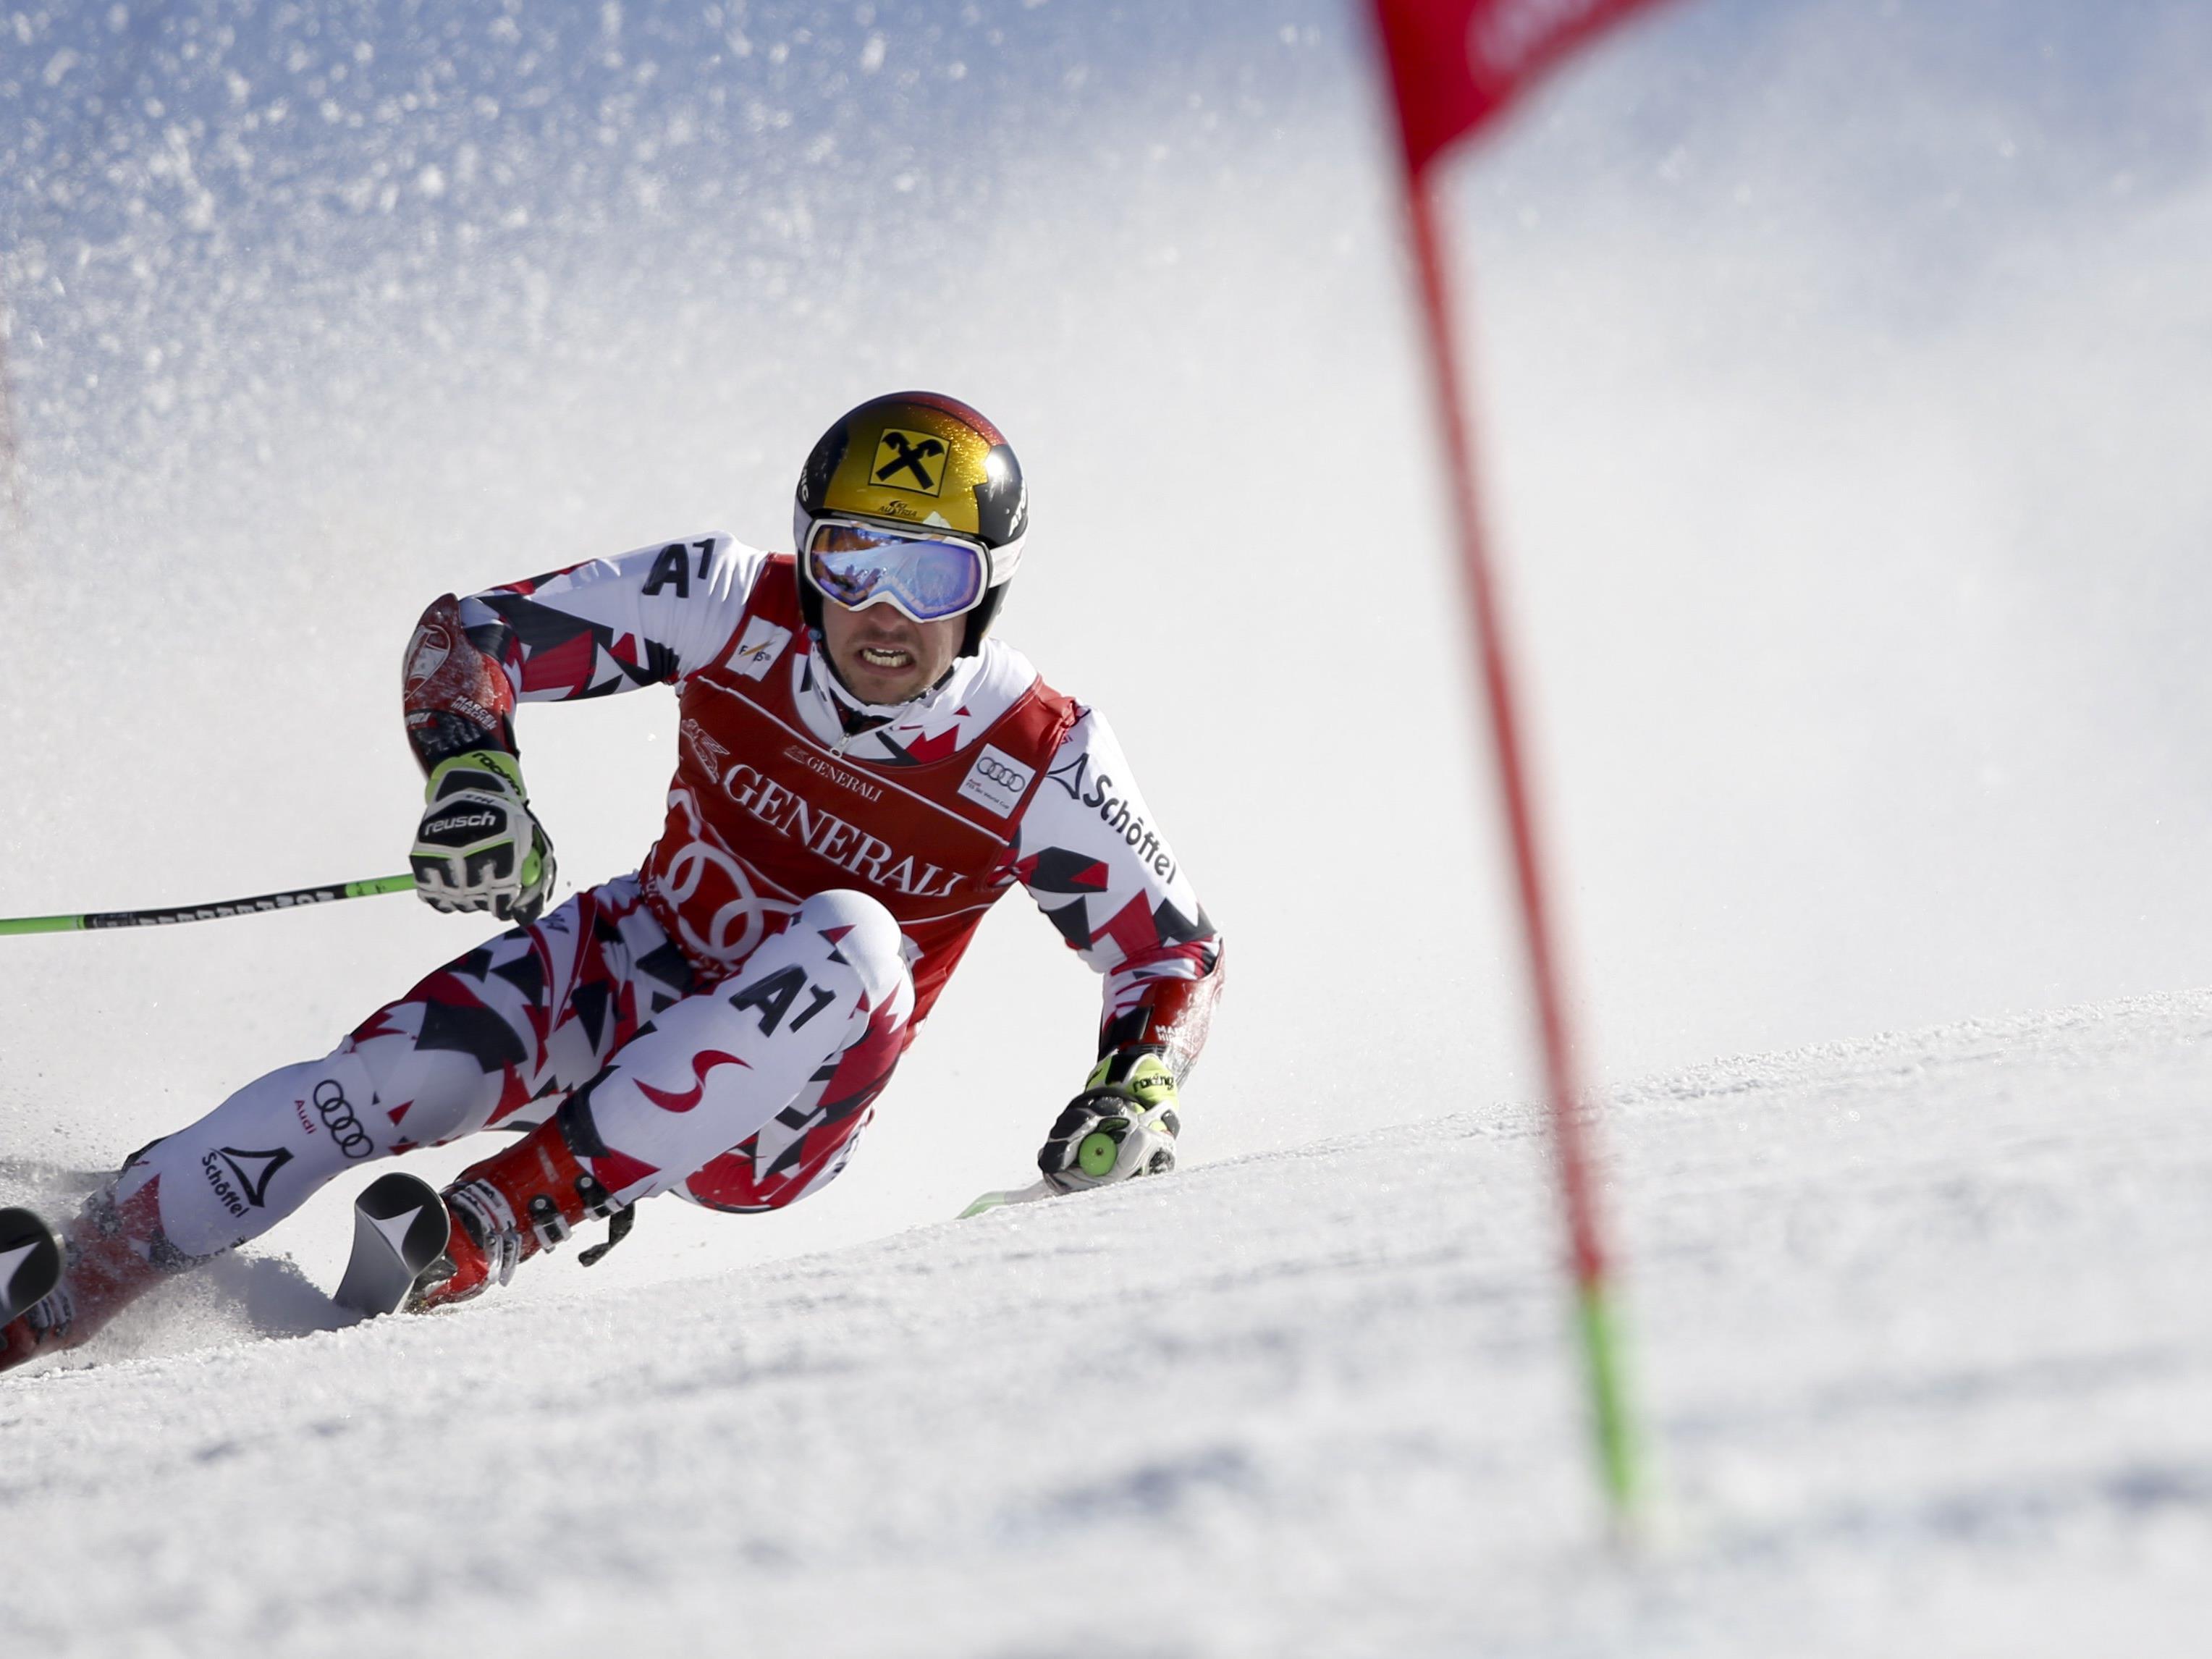 Acht Rennen vor Saisonende hat Hirscher 293 Punkte Vorsprung auf dem Norweger Henrik Kristoffersen.